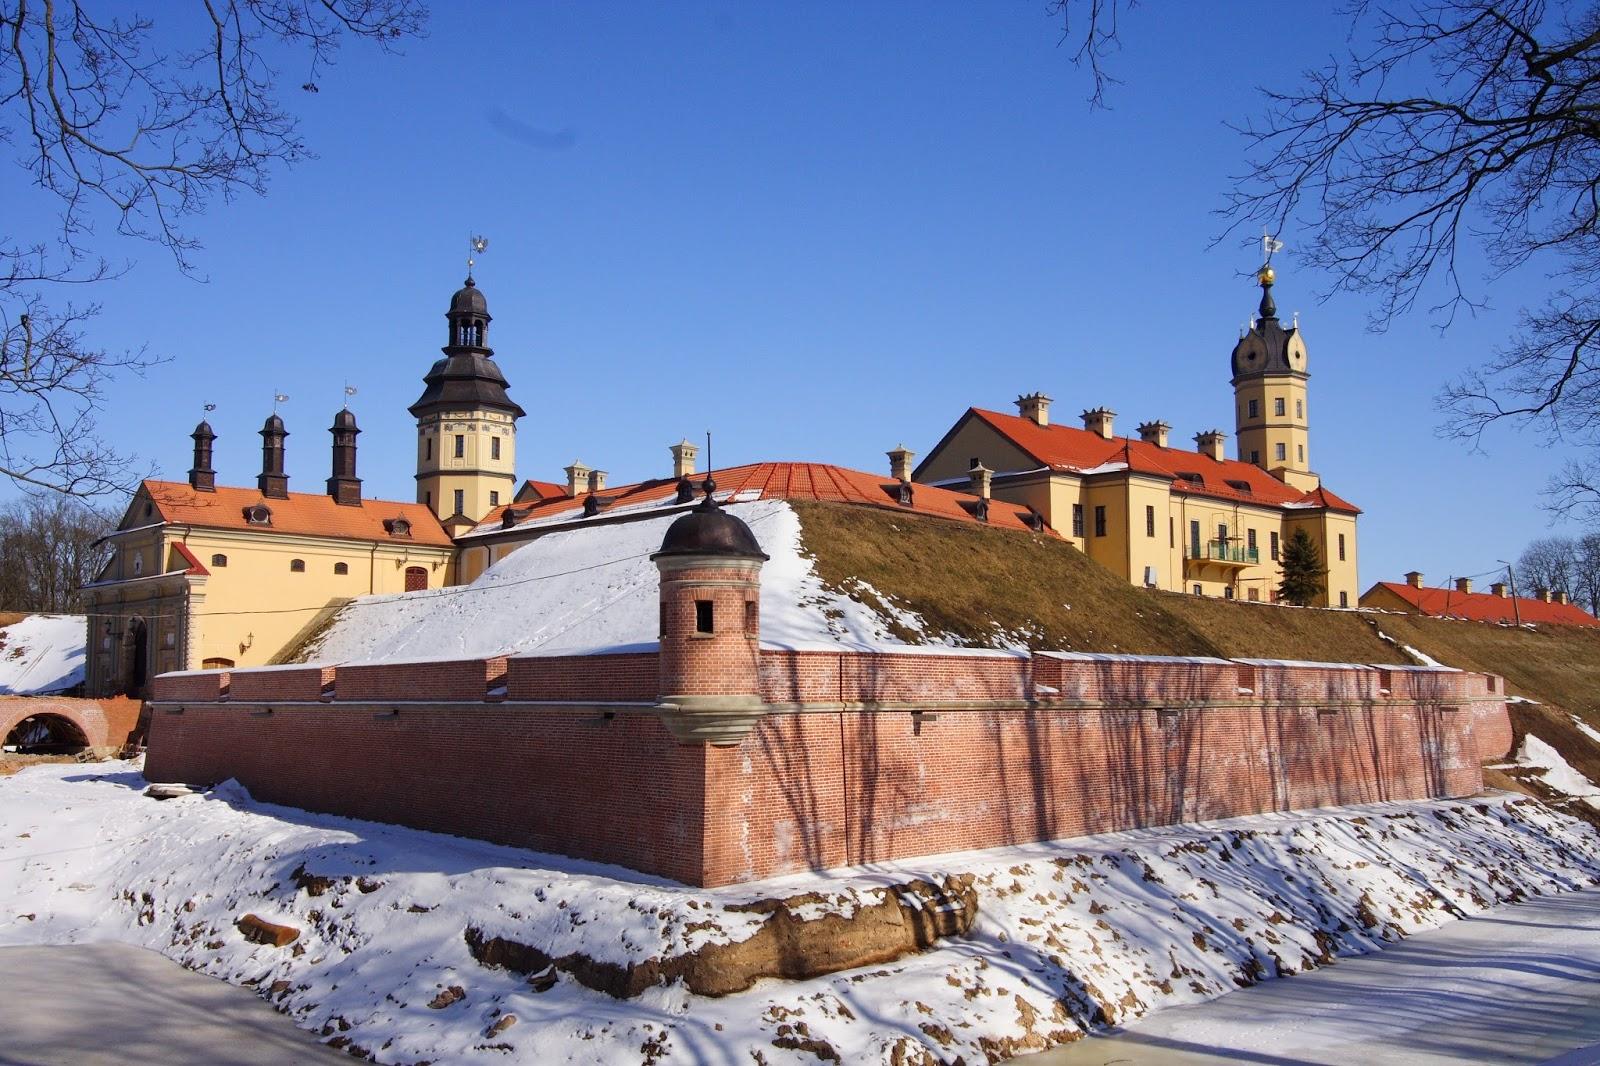 - مراكز الفنون في مدينة بيلاروسيا لقد حققت المدينة قفزة هائلة إلى...